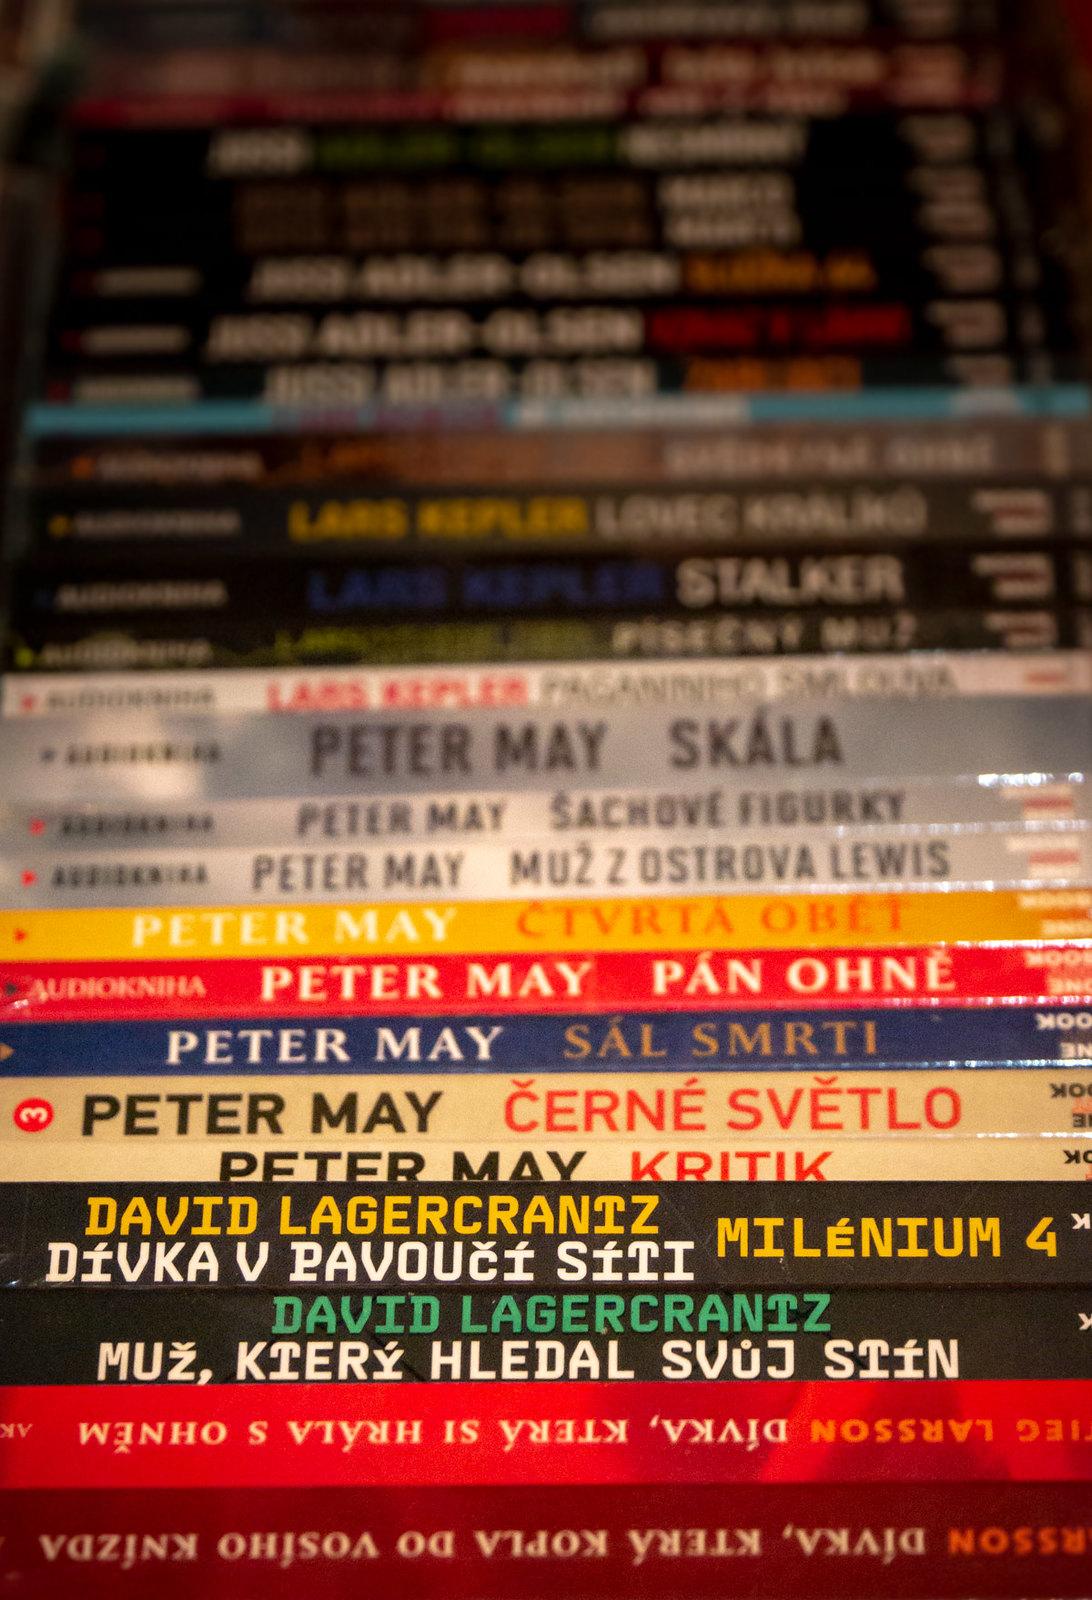 28. Podzimní knižní veletrh @ Havlíčkův Brod